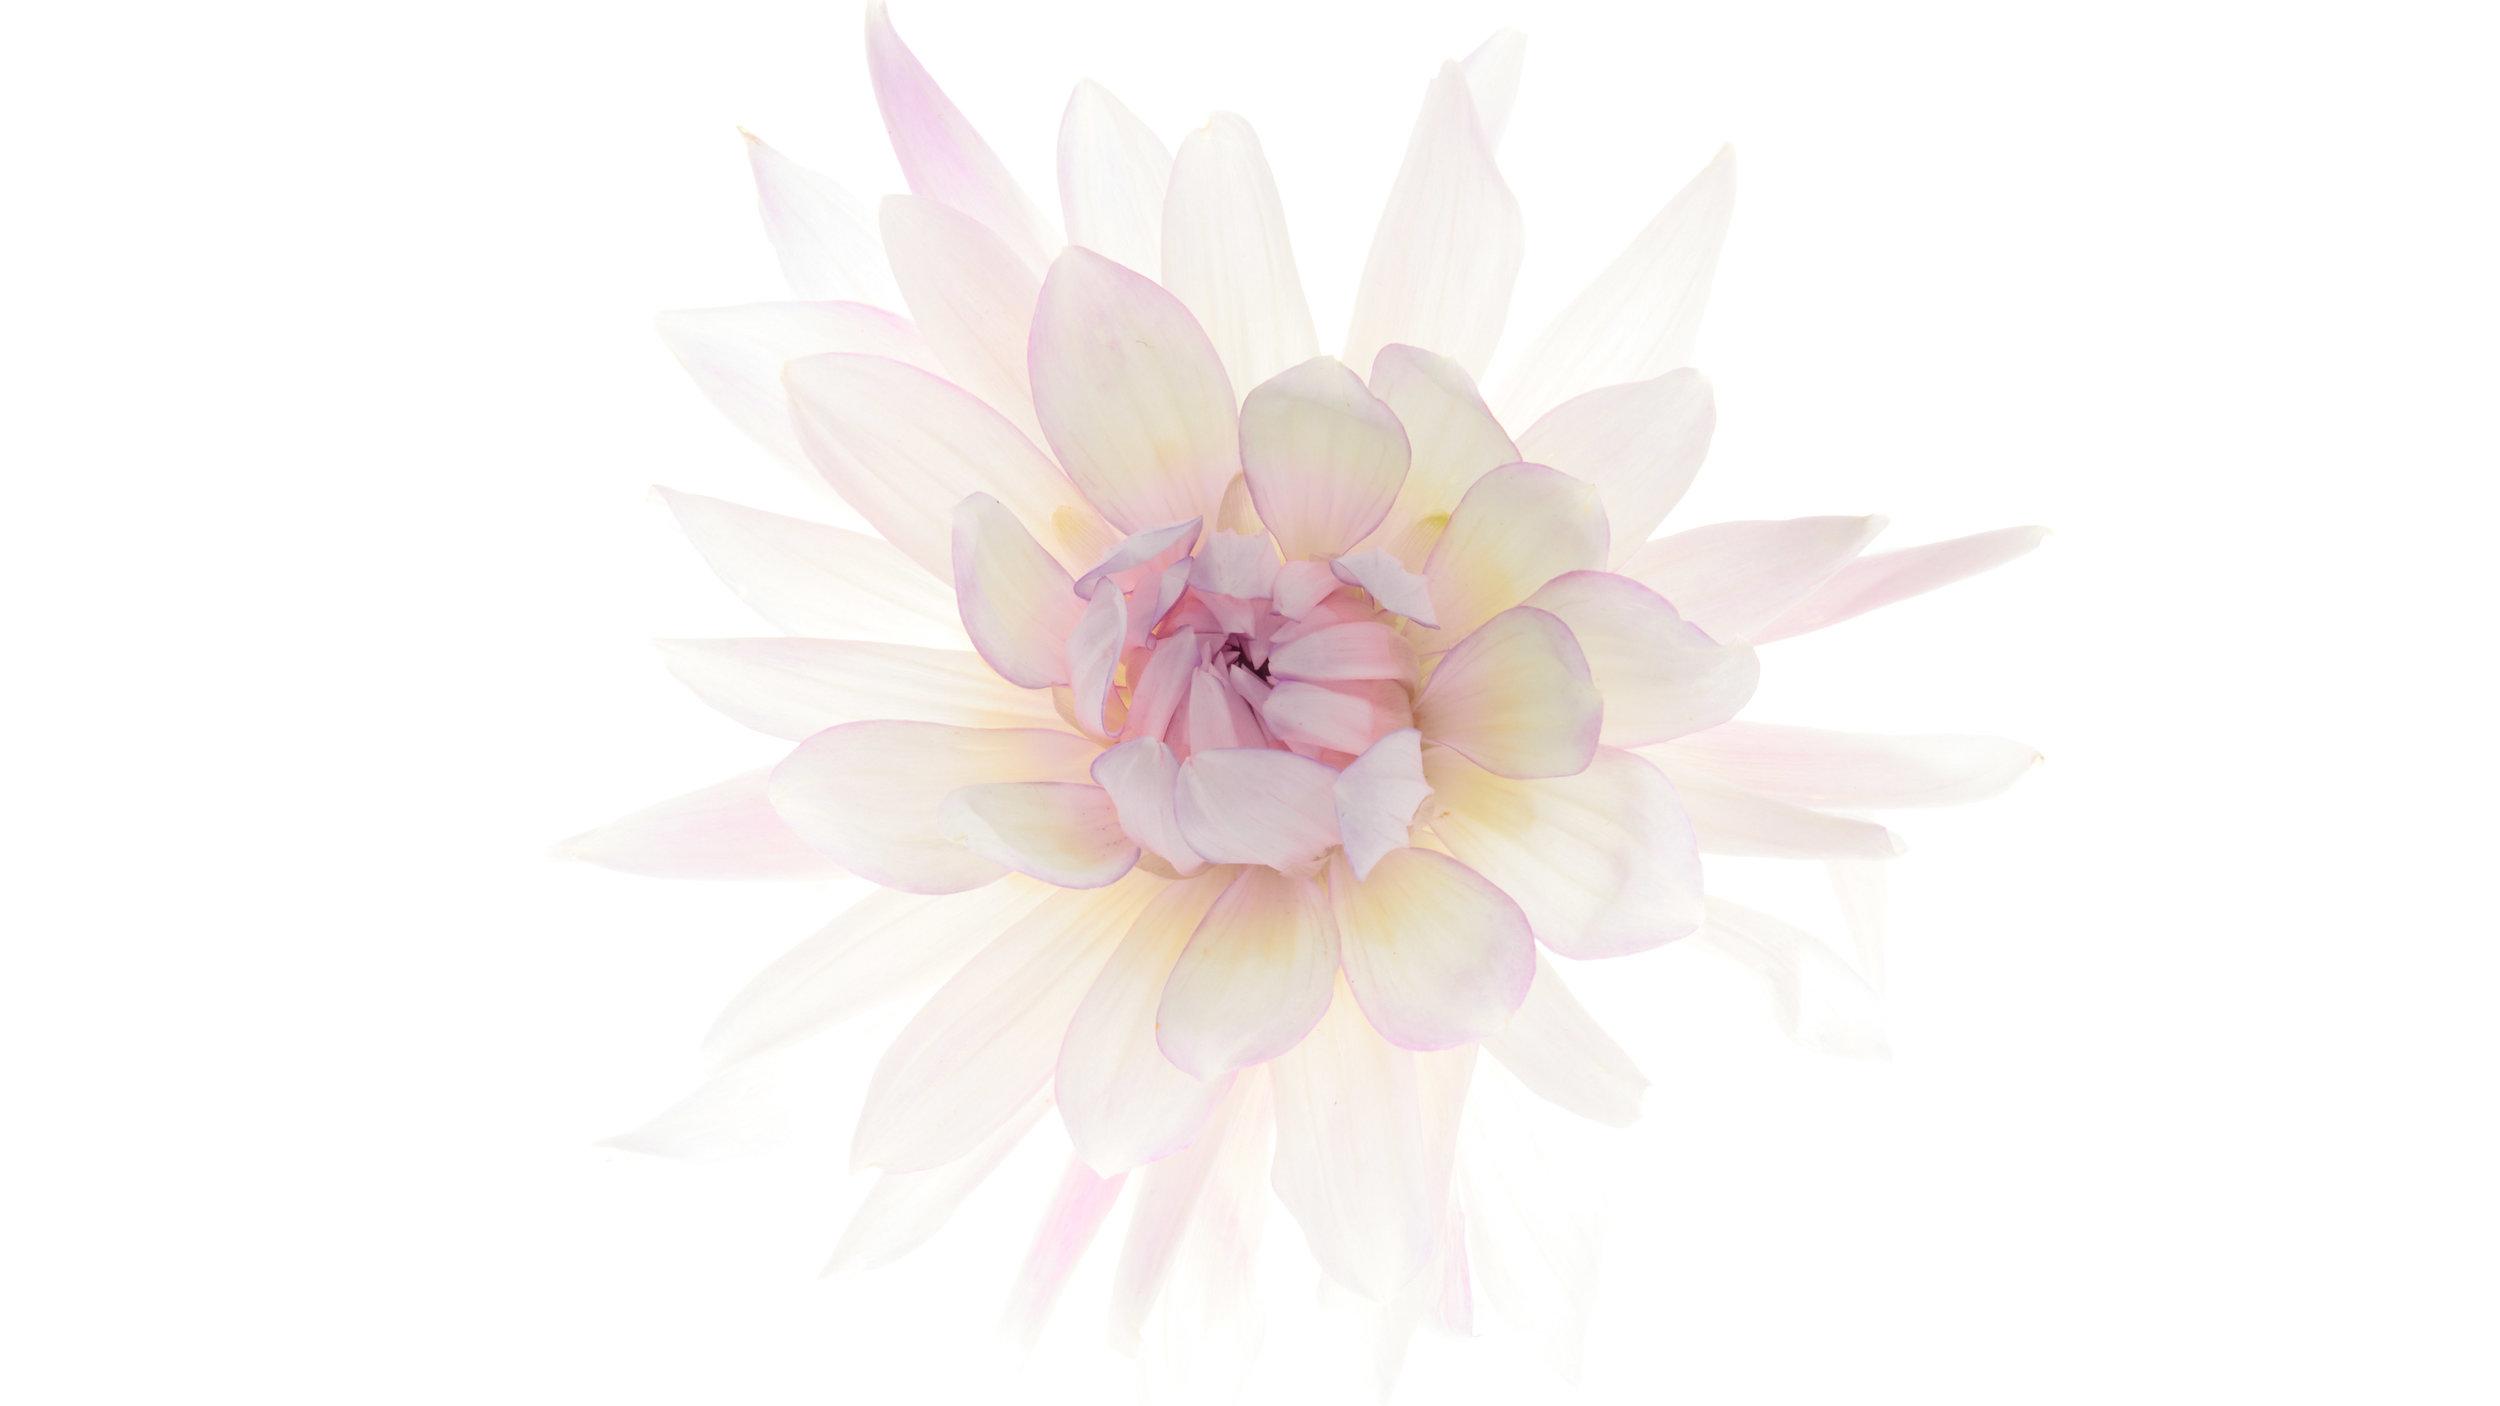 Bion_Flowers.jpg